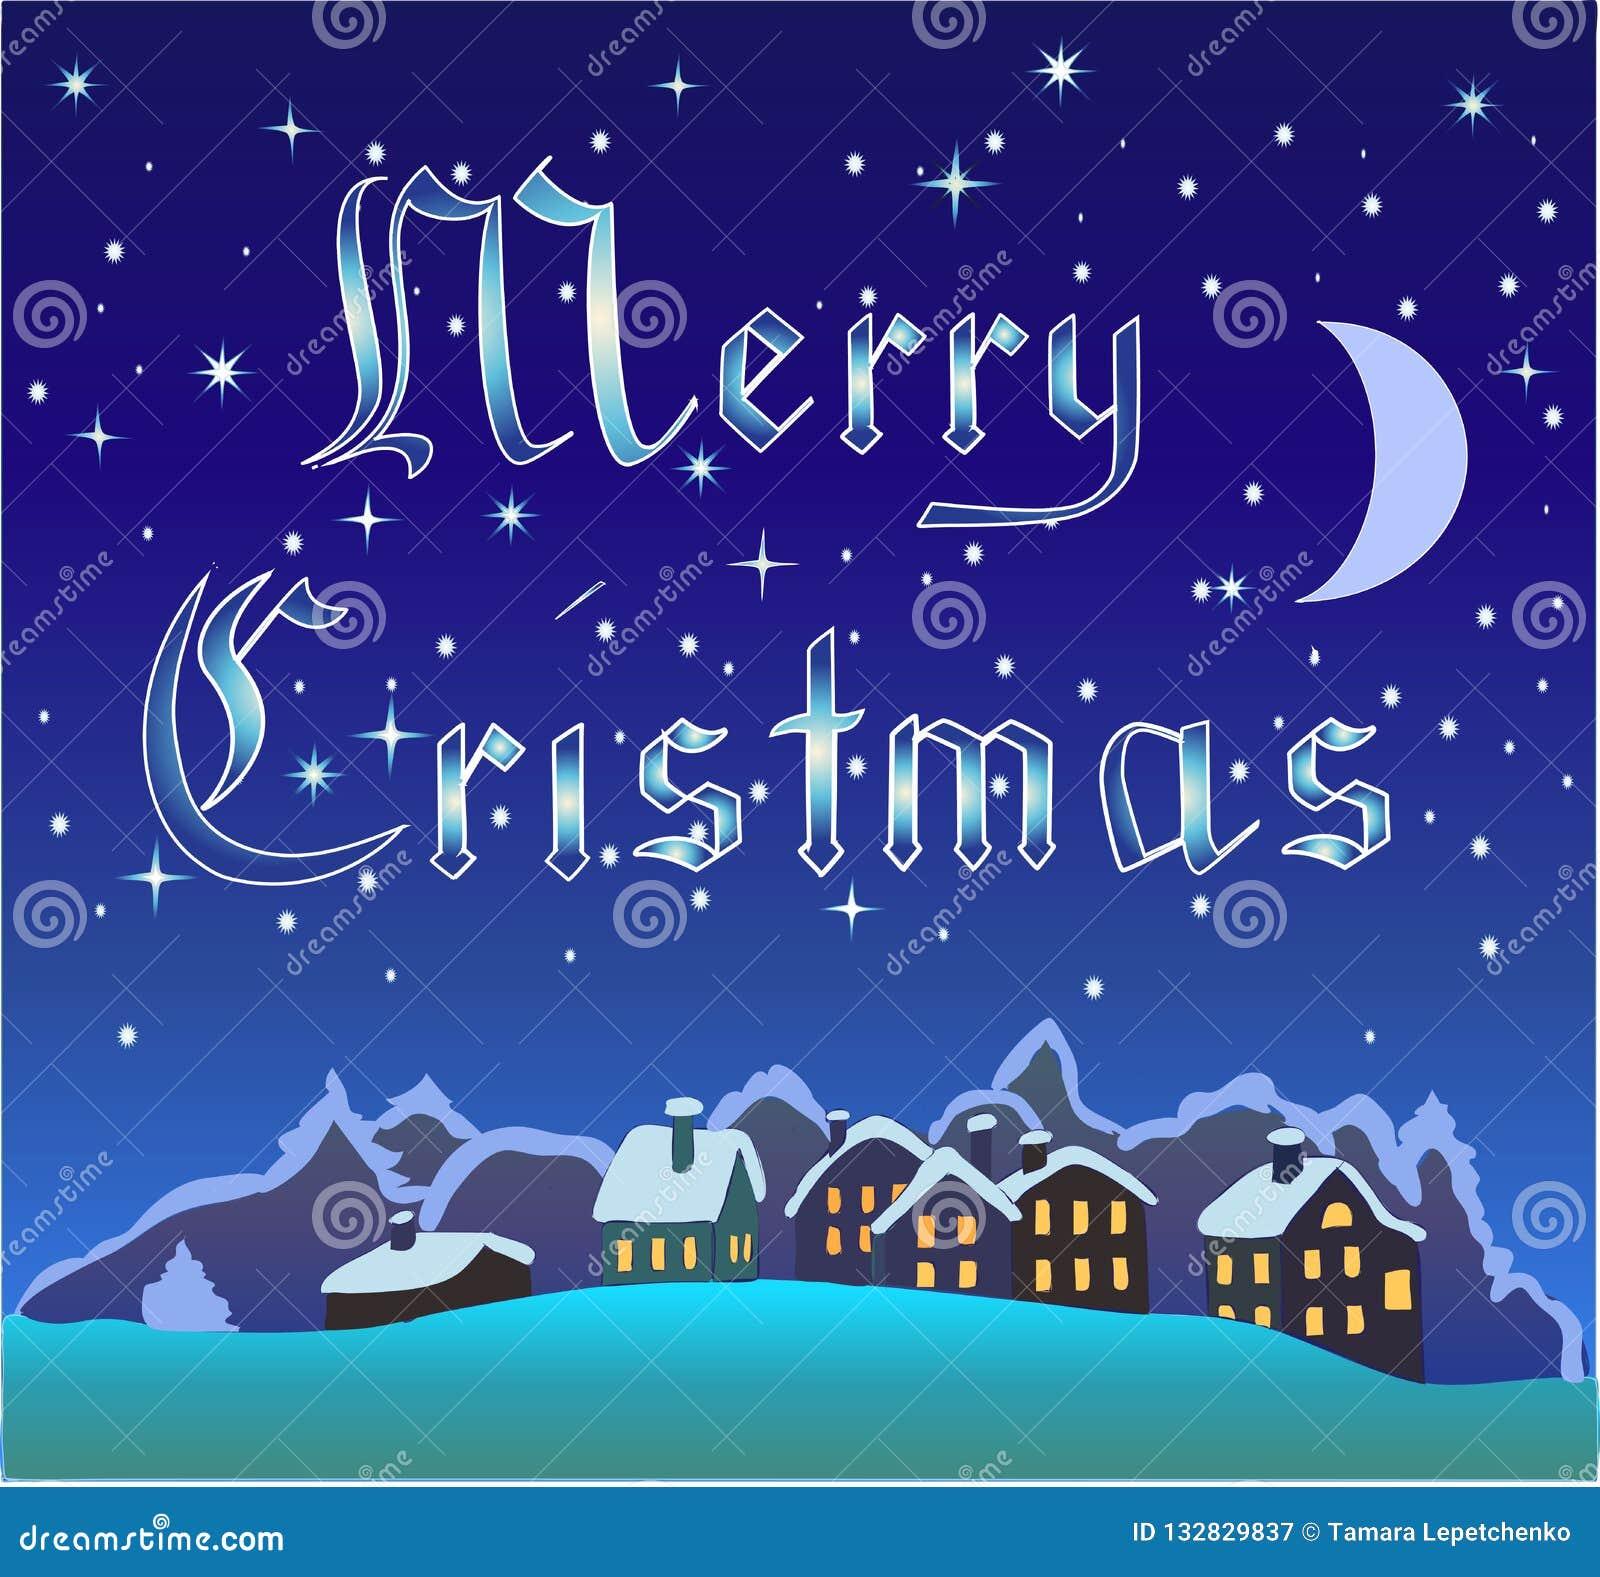 Glückwünsche Zu Weihnachten.Glückwünsche Auf Weihnachten Im Jahre 2019 Mit Einem Wunsch Des